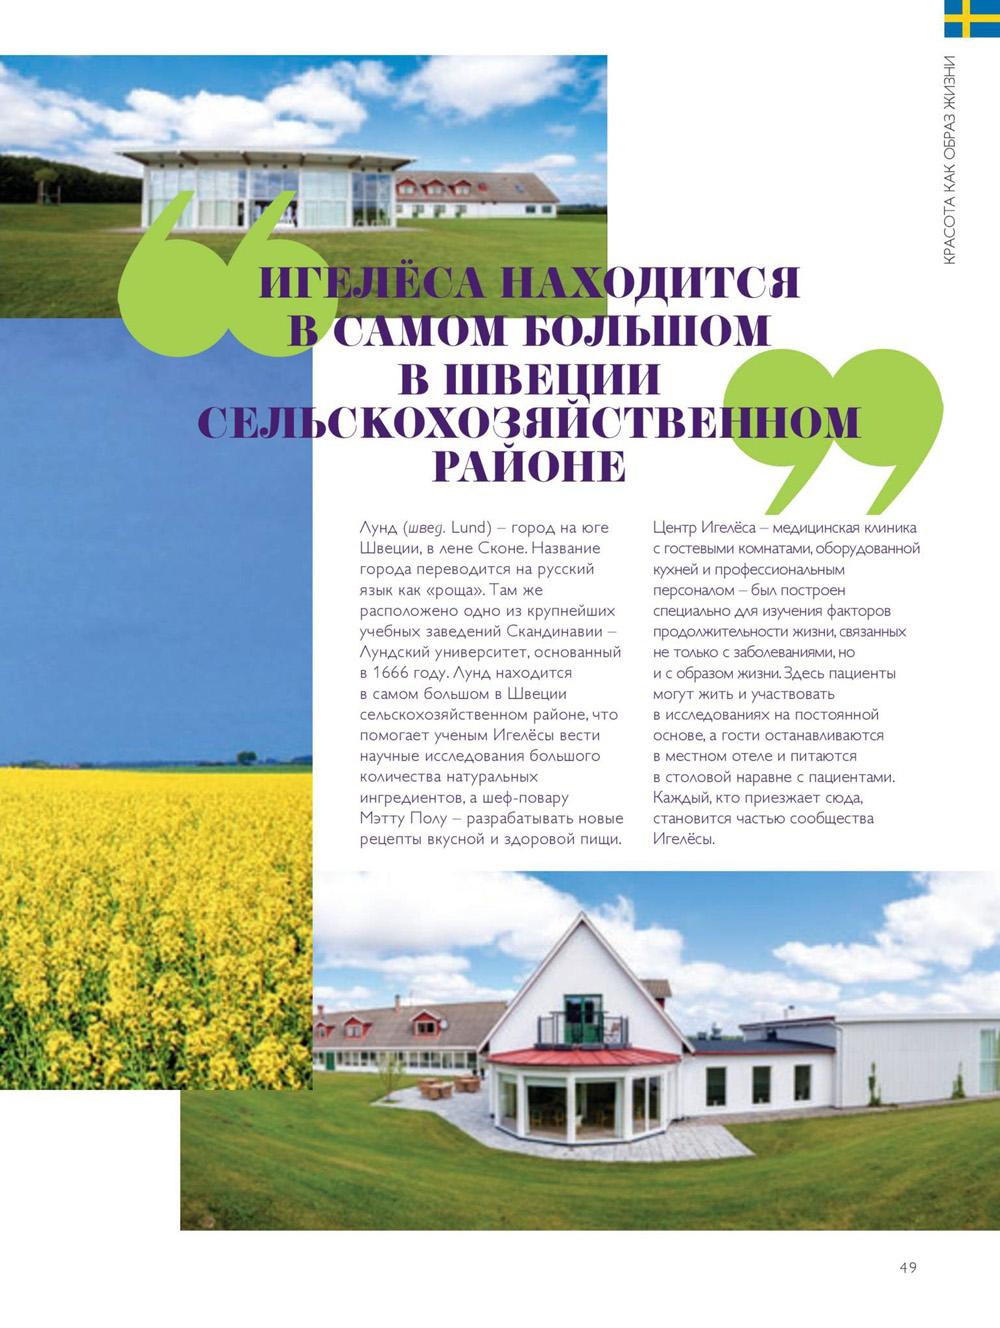 Старица 49, книга красоты Орифлейм Лето 2018, Россия